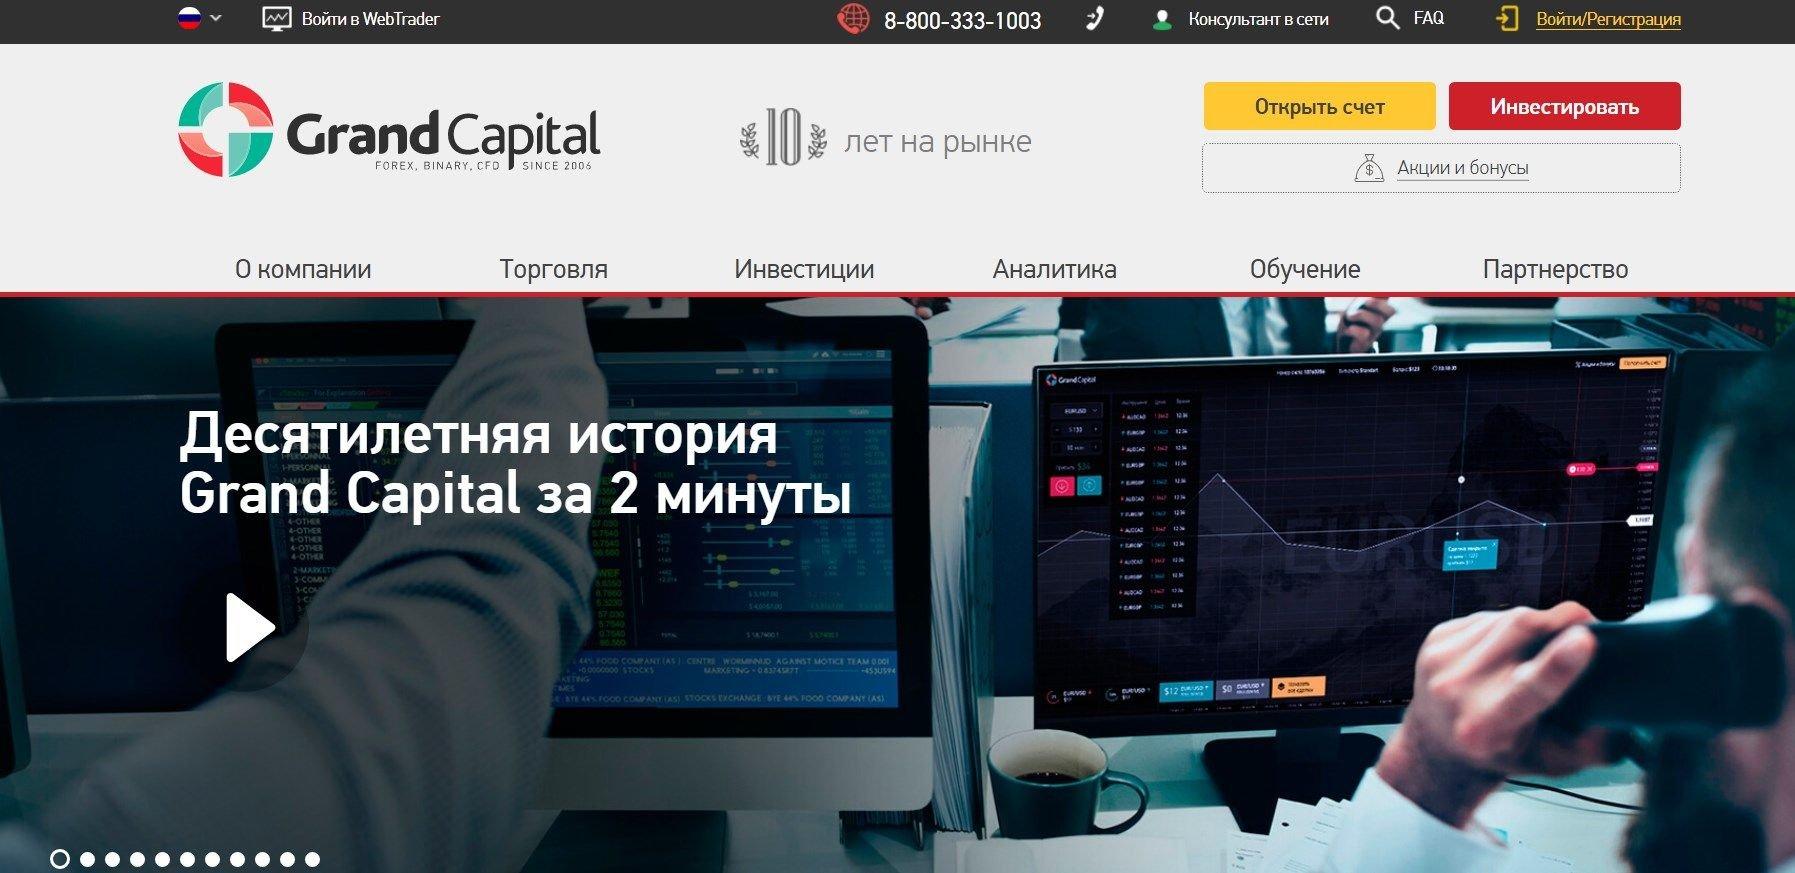 Пройти регистрацию на официальном сайте Гранд Капитал легко